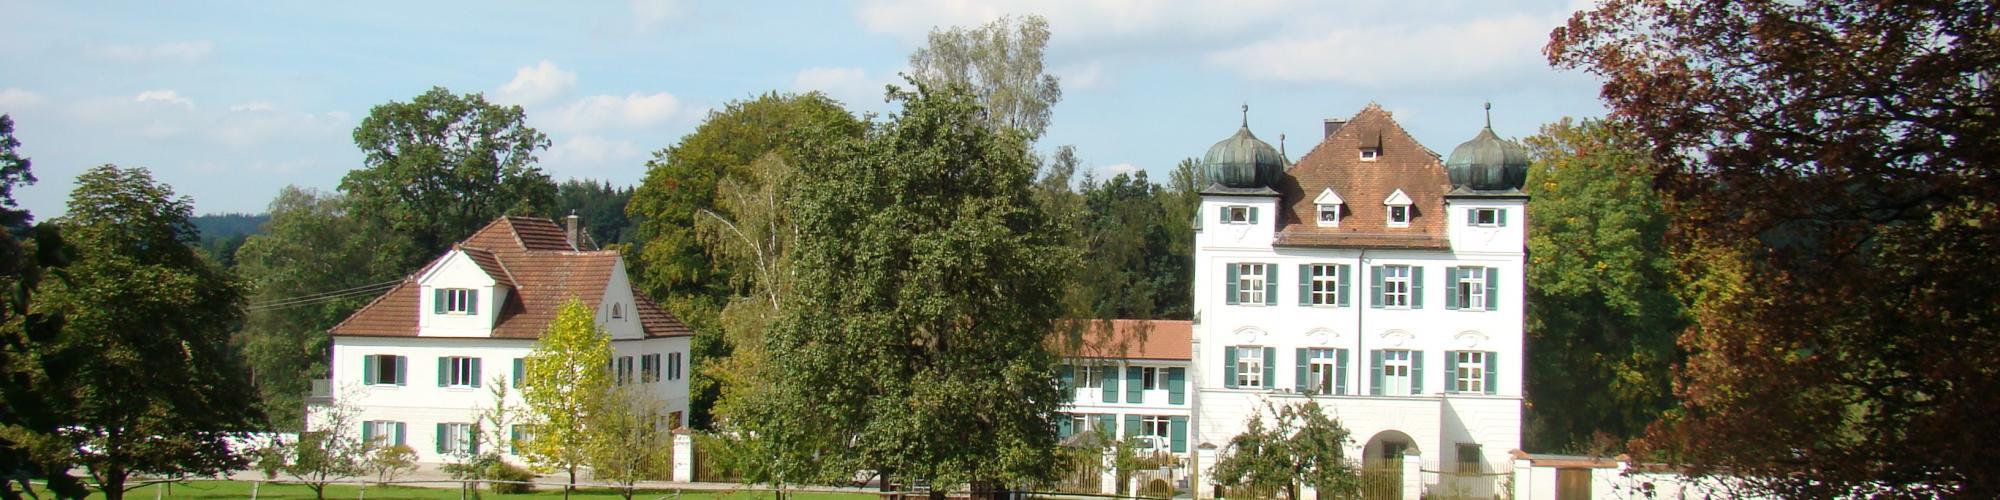 Freiherrlich von Aufseß´sches Altenheim Schloß Elmischwang GmbH